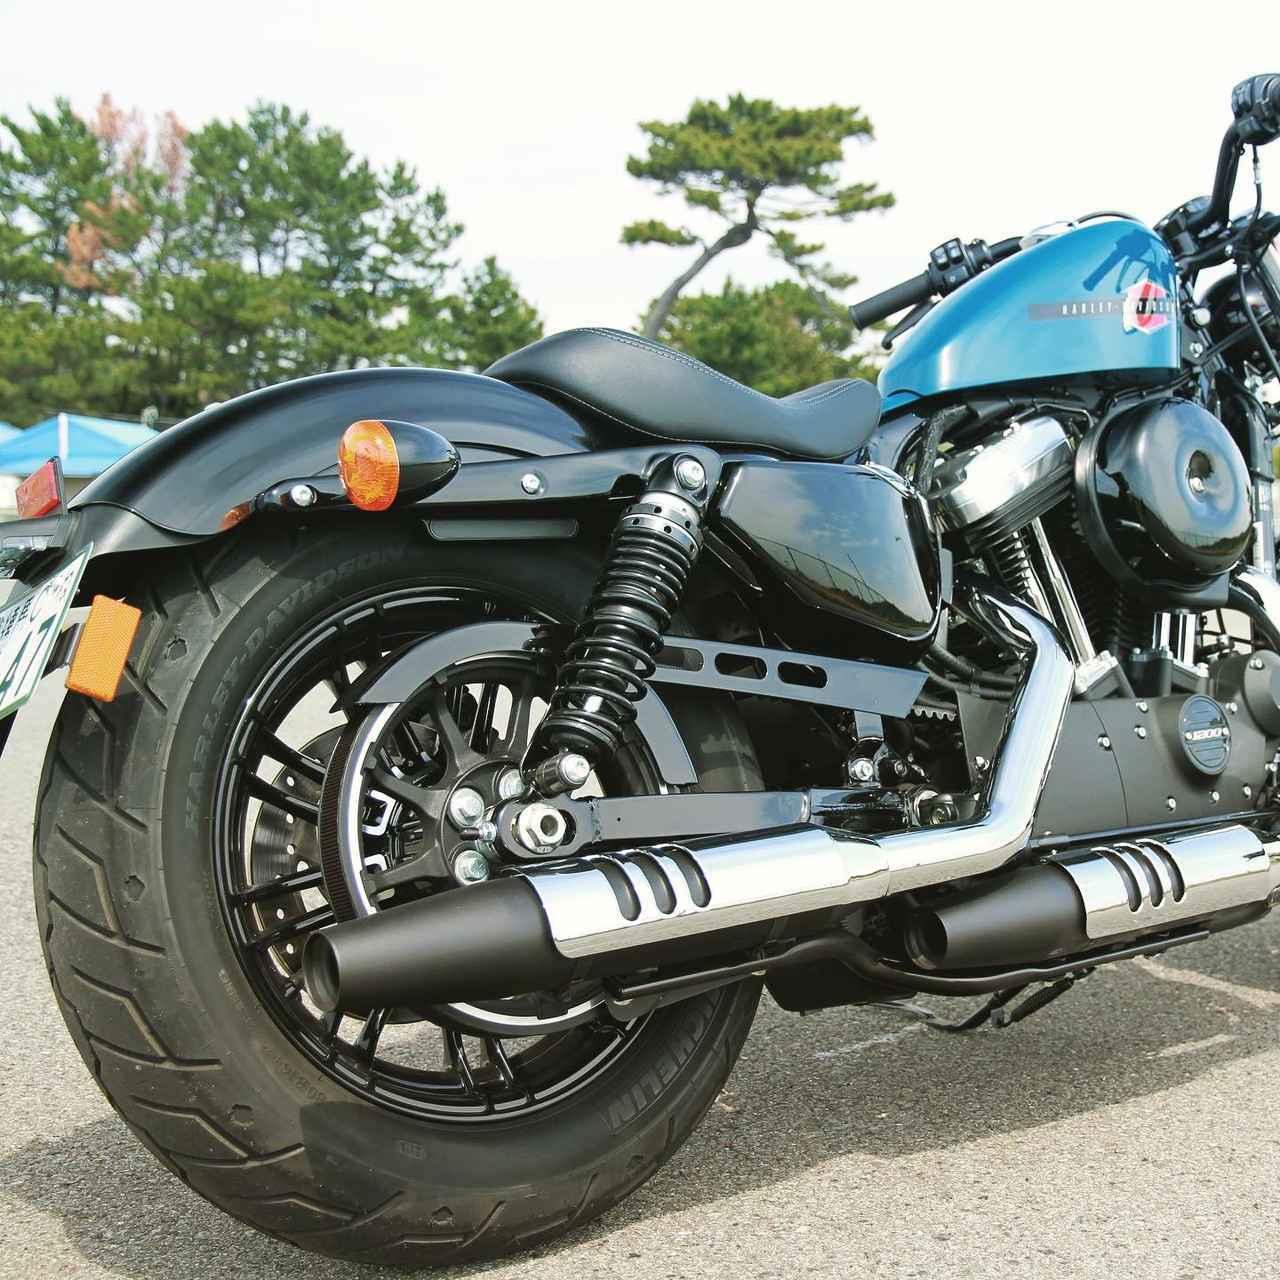 画像4: Harley Davidson スポーツスター XL1200X